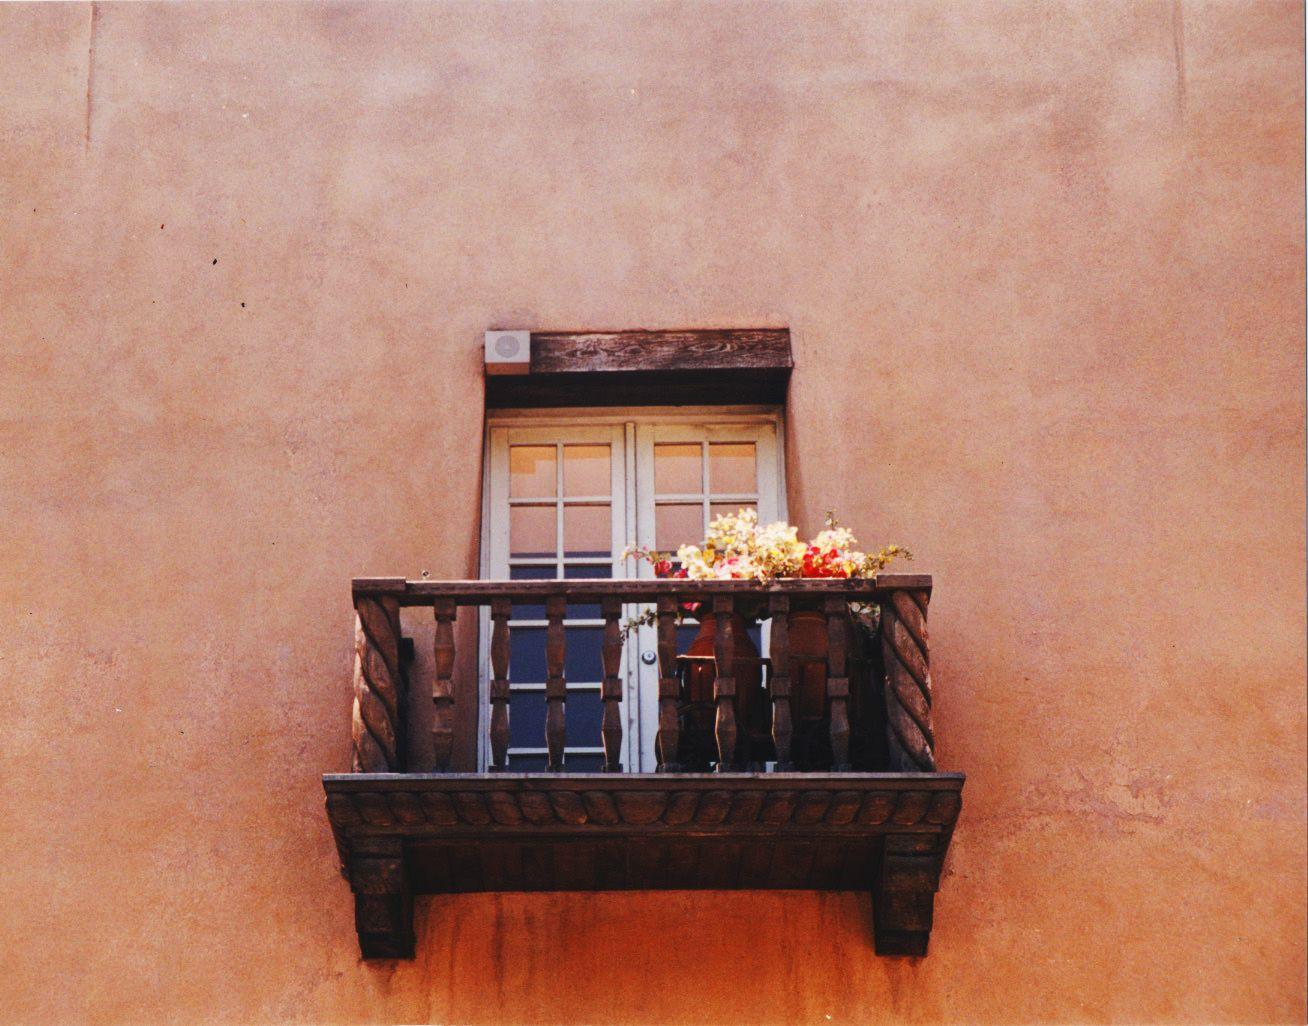 Balcón en Santa Fe (Nuevo México, USA)